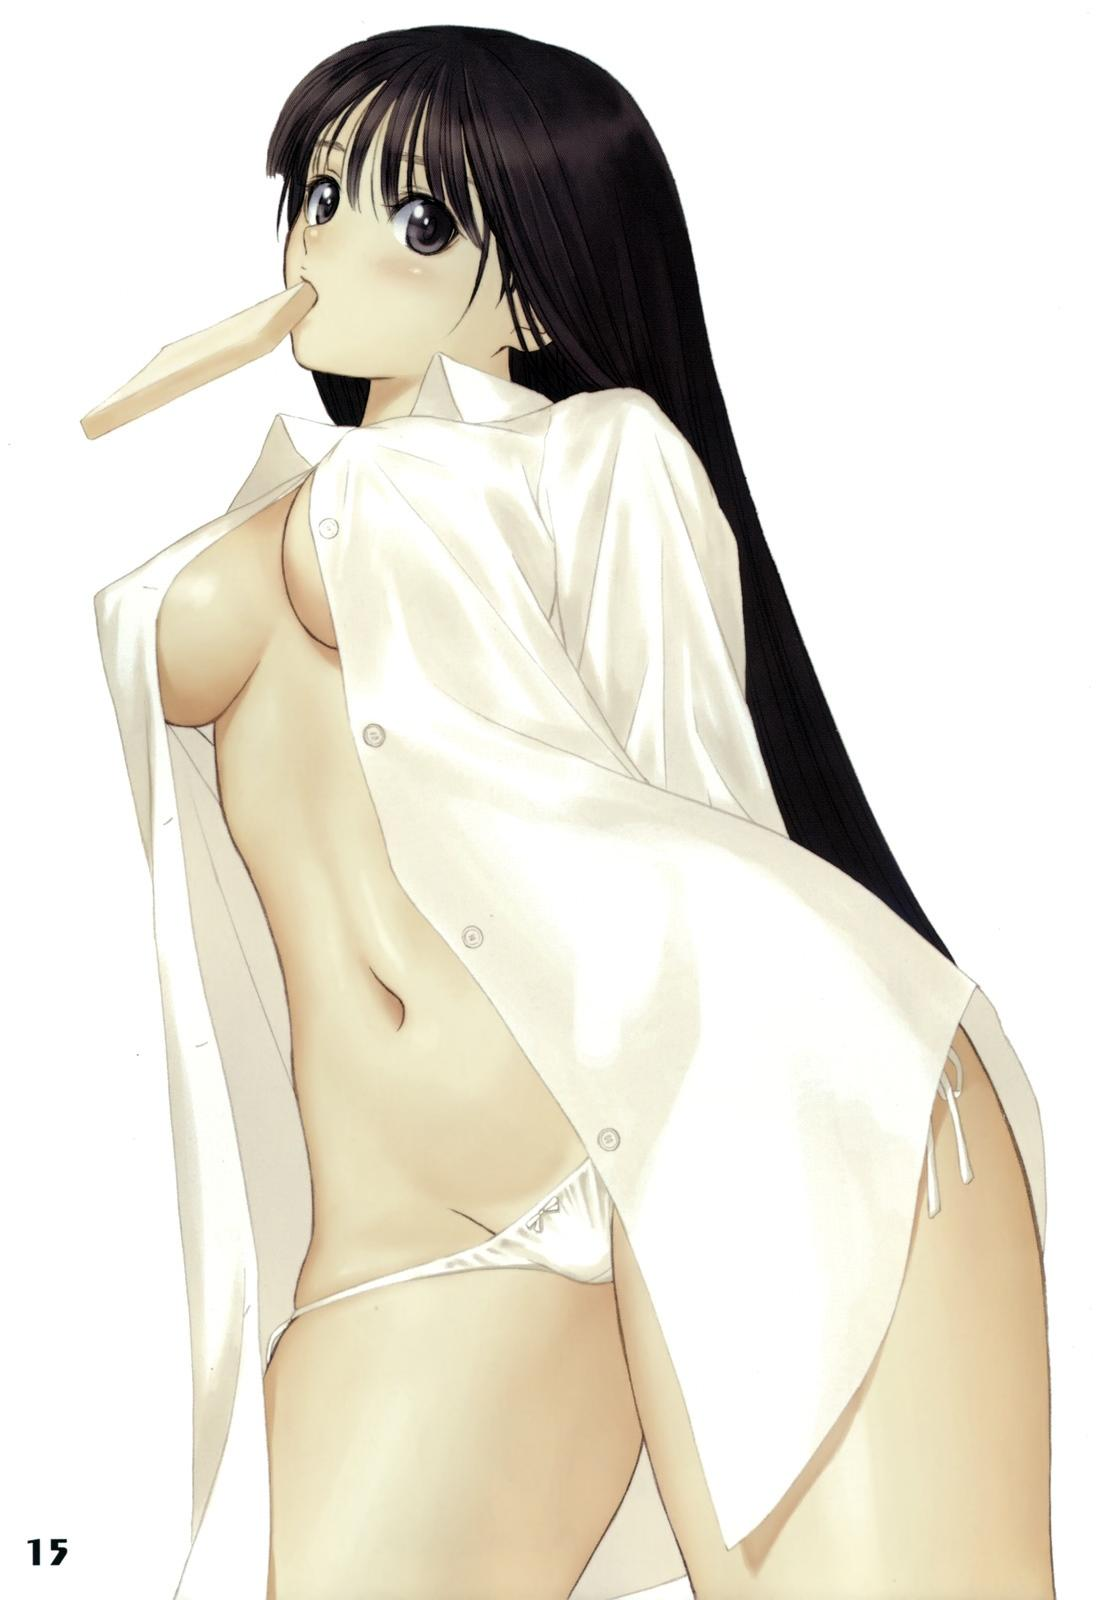 Watashi wa Kyozetsu Suru! Kamo | I Refuse... Maybe... 12